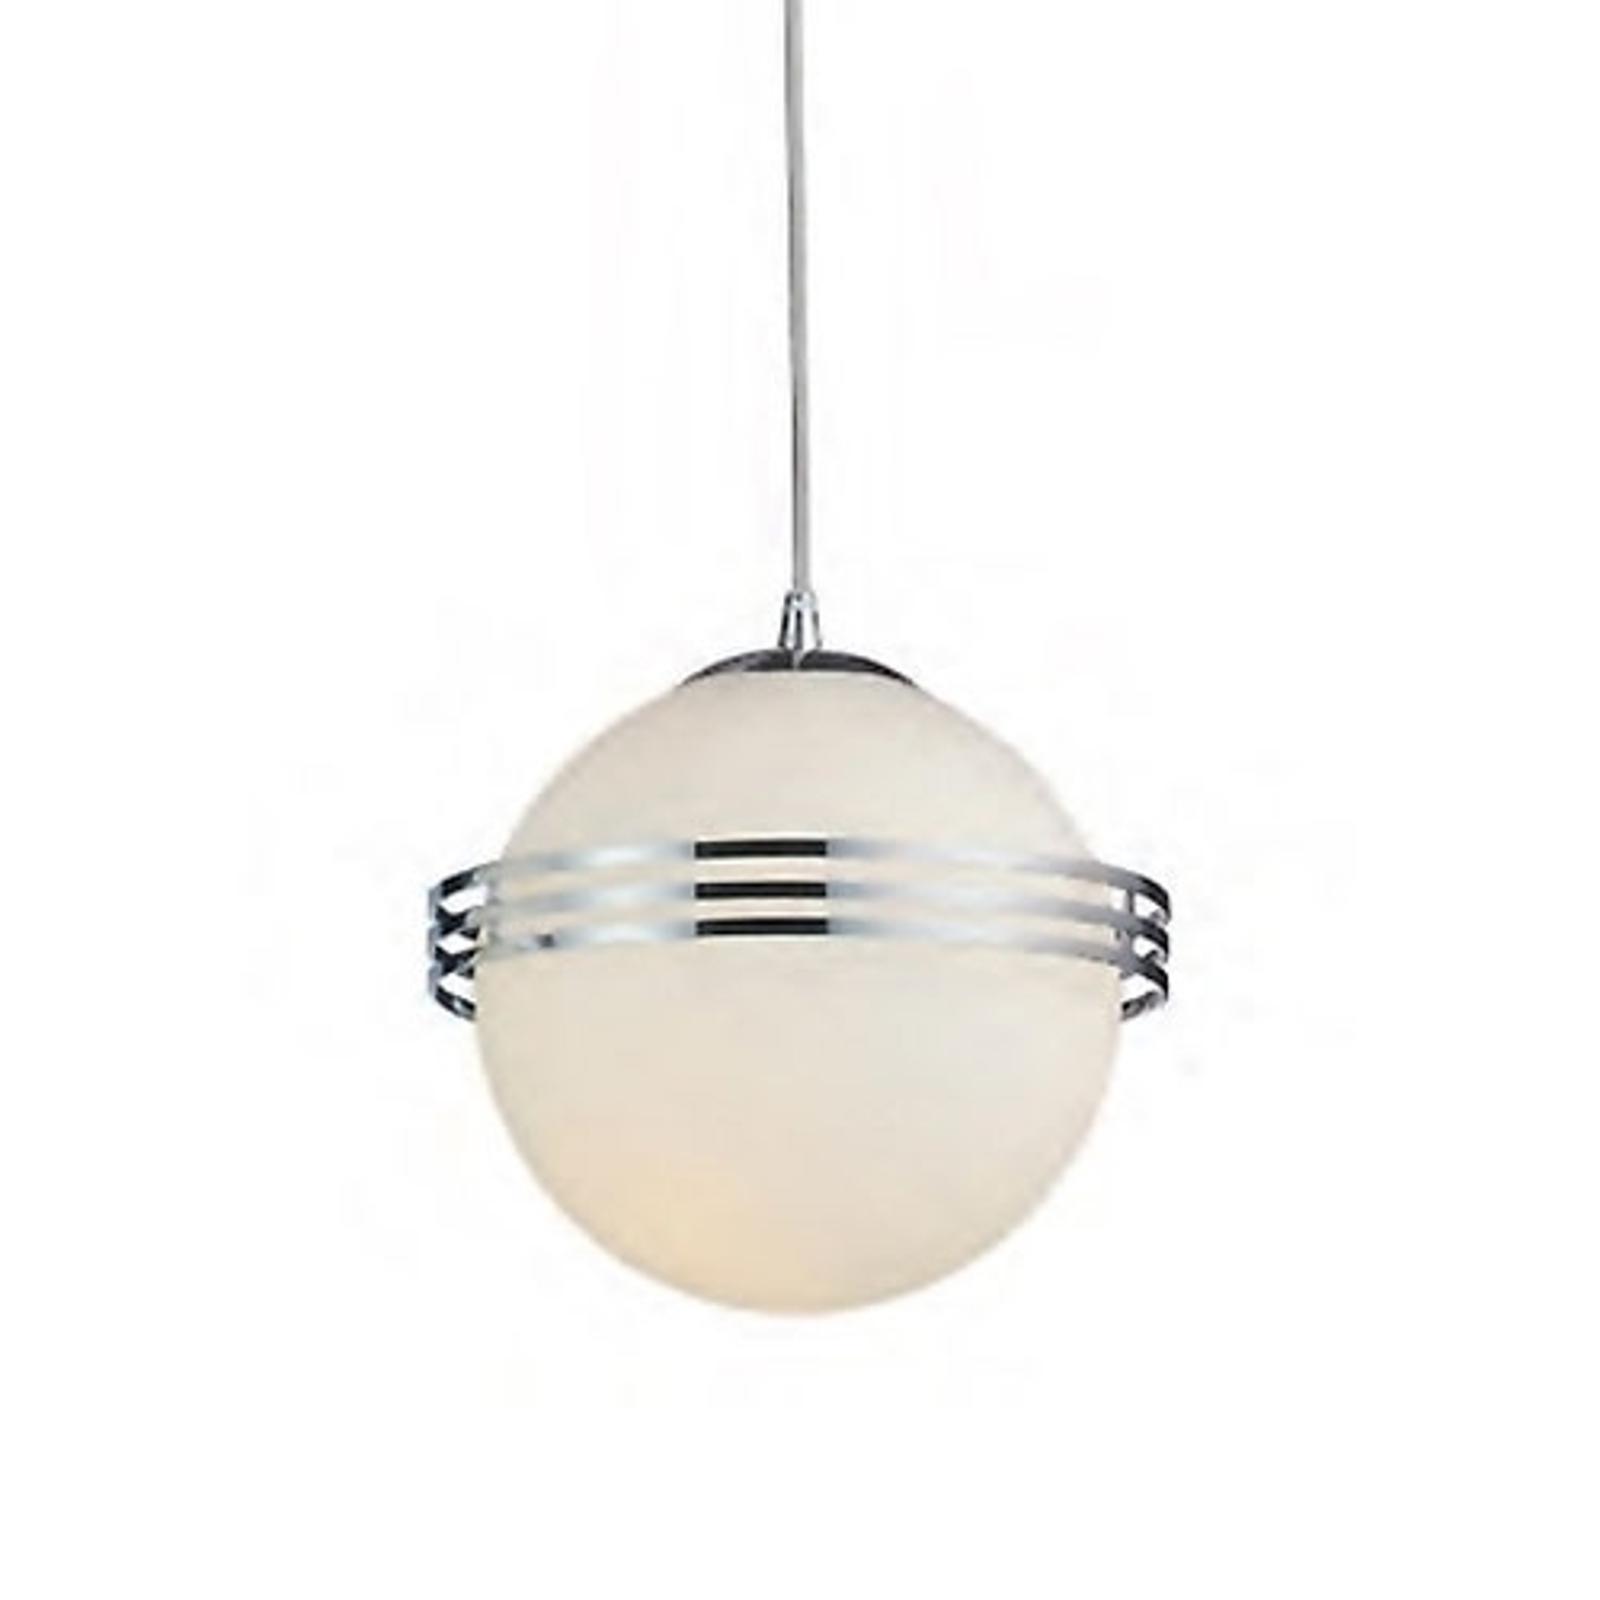 Lampa wisząca Viona w kształcie kuli